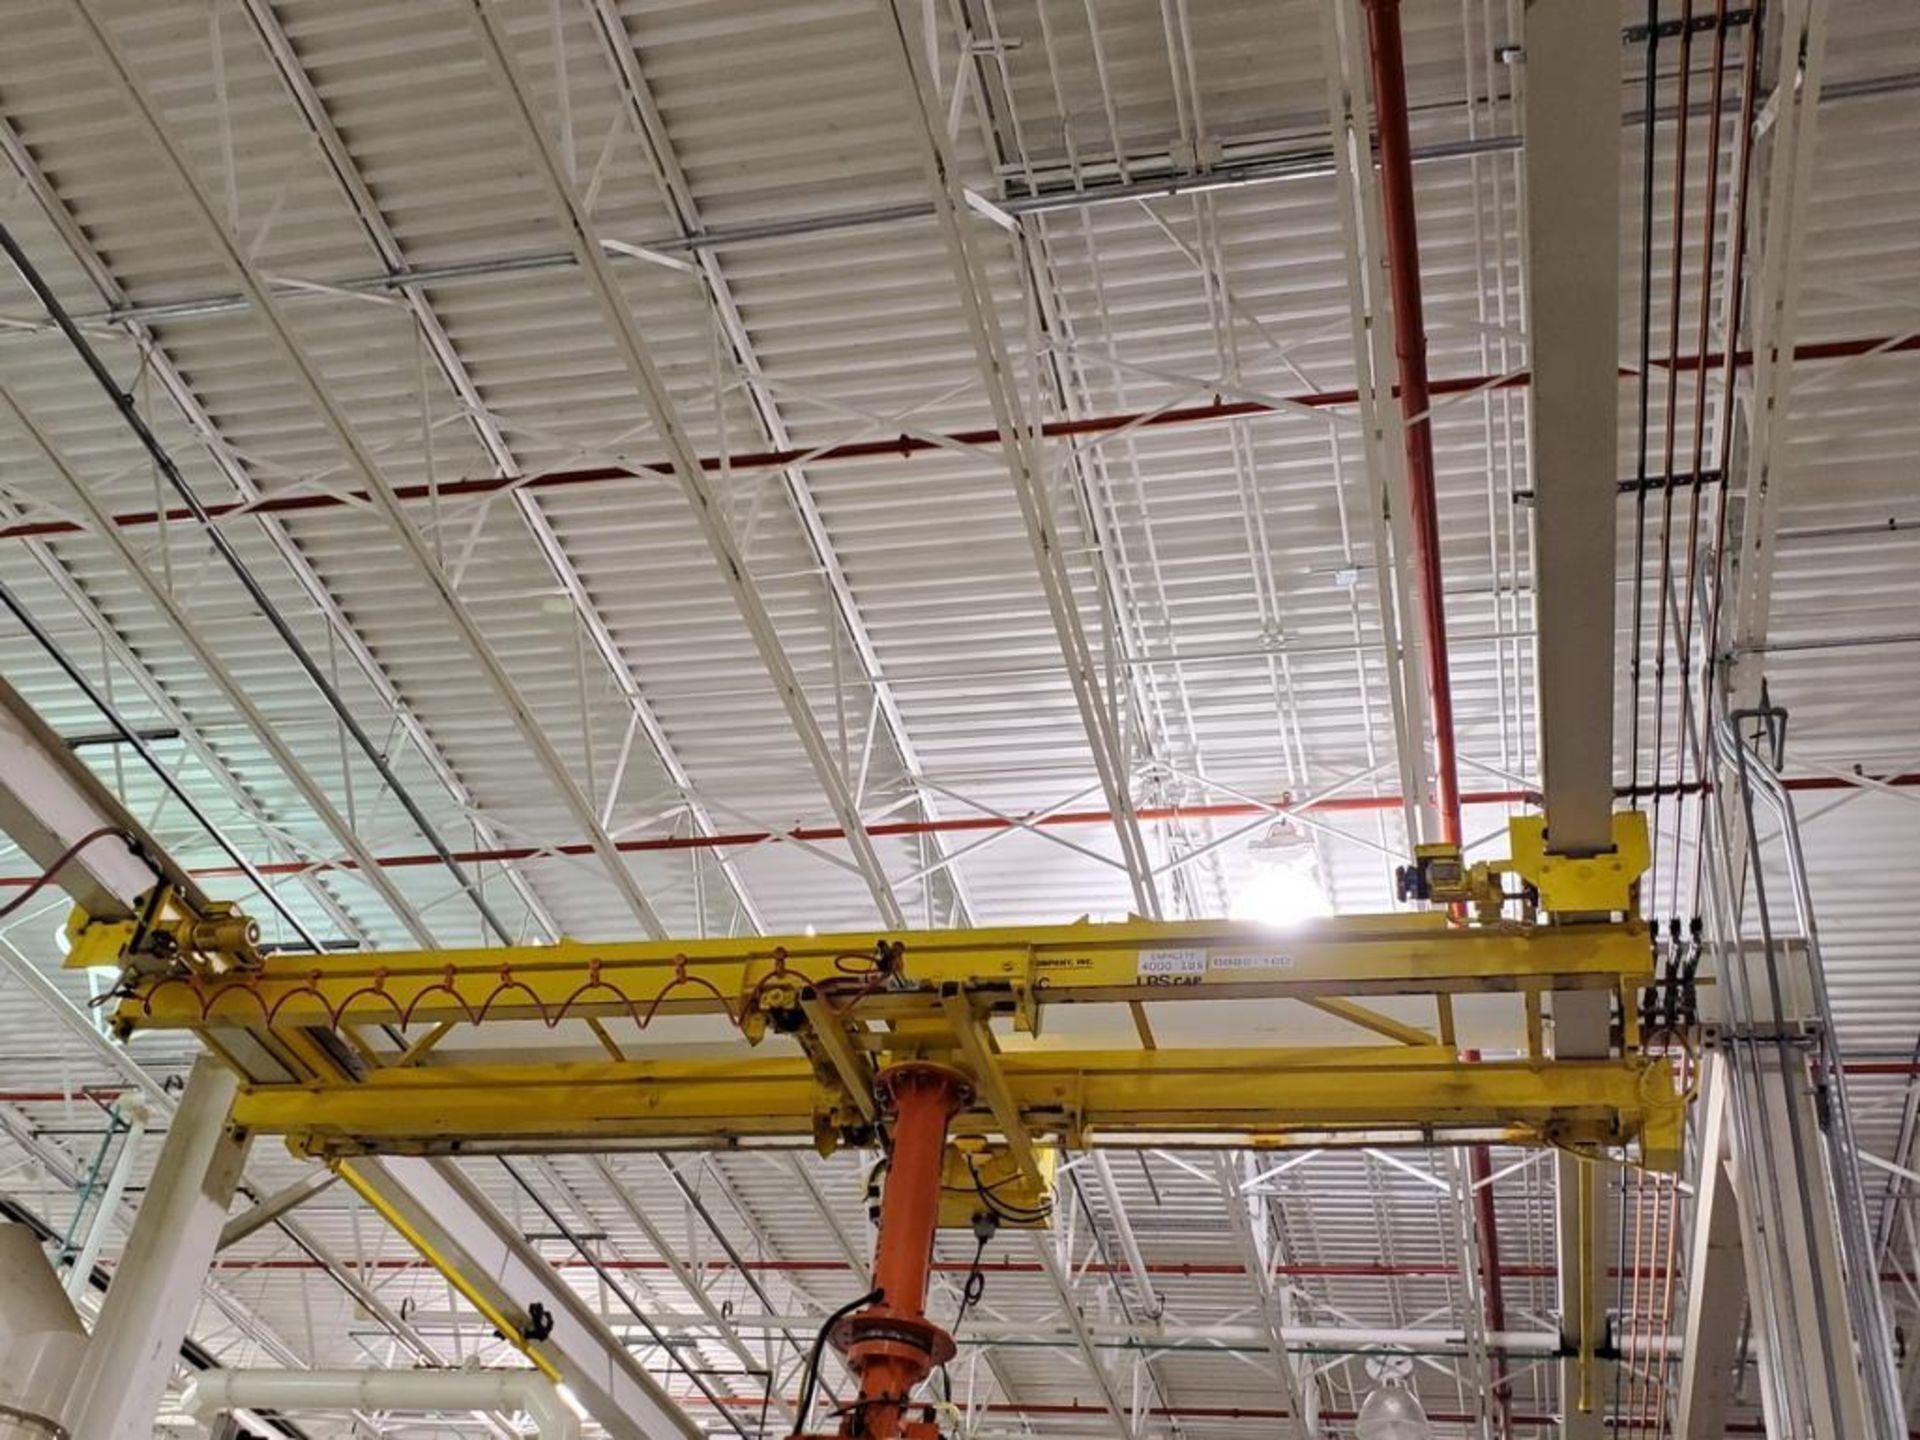 Lot 33 - T&M Equipment Co. Crane